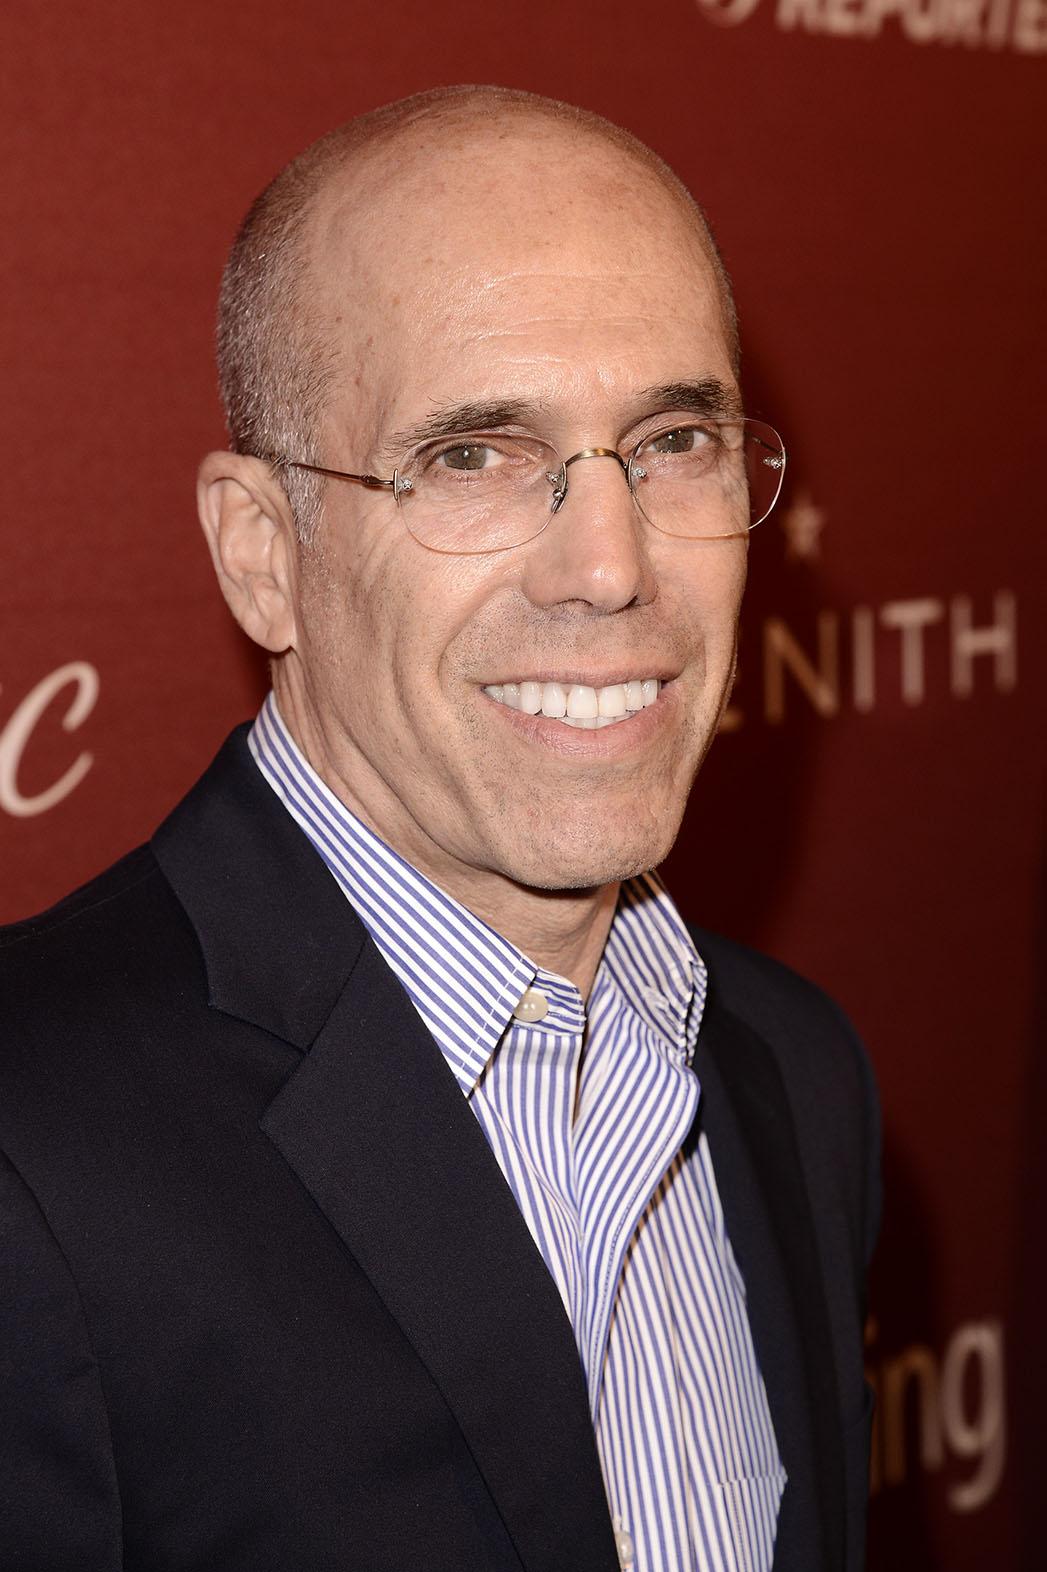 Jefferey Katzenberg Headshot - P 2014